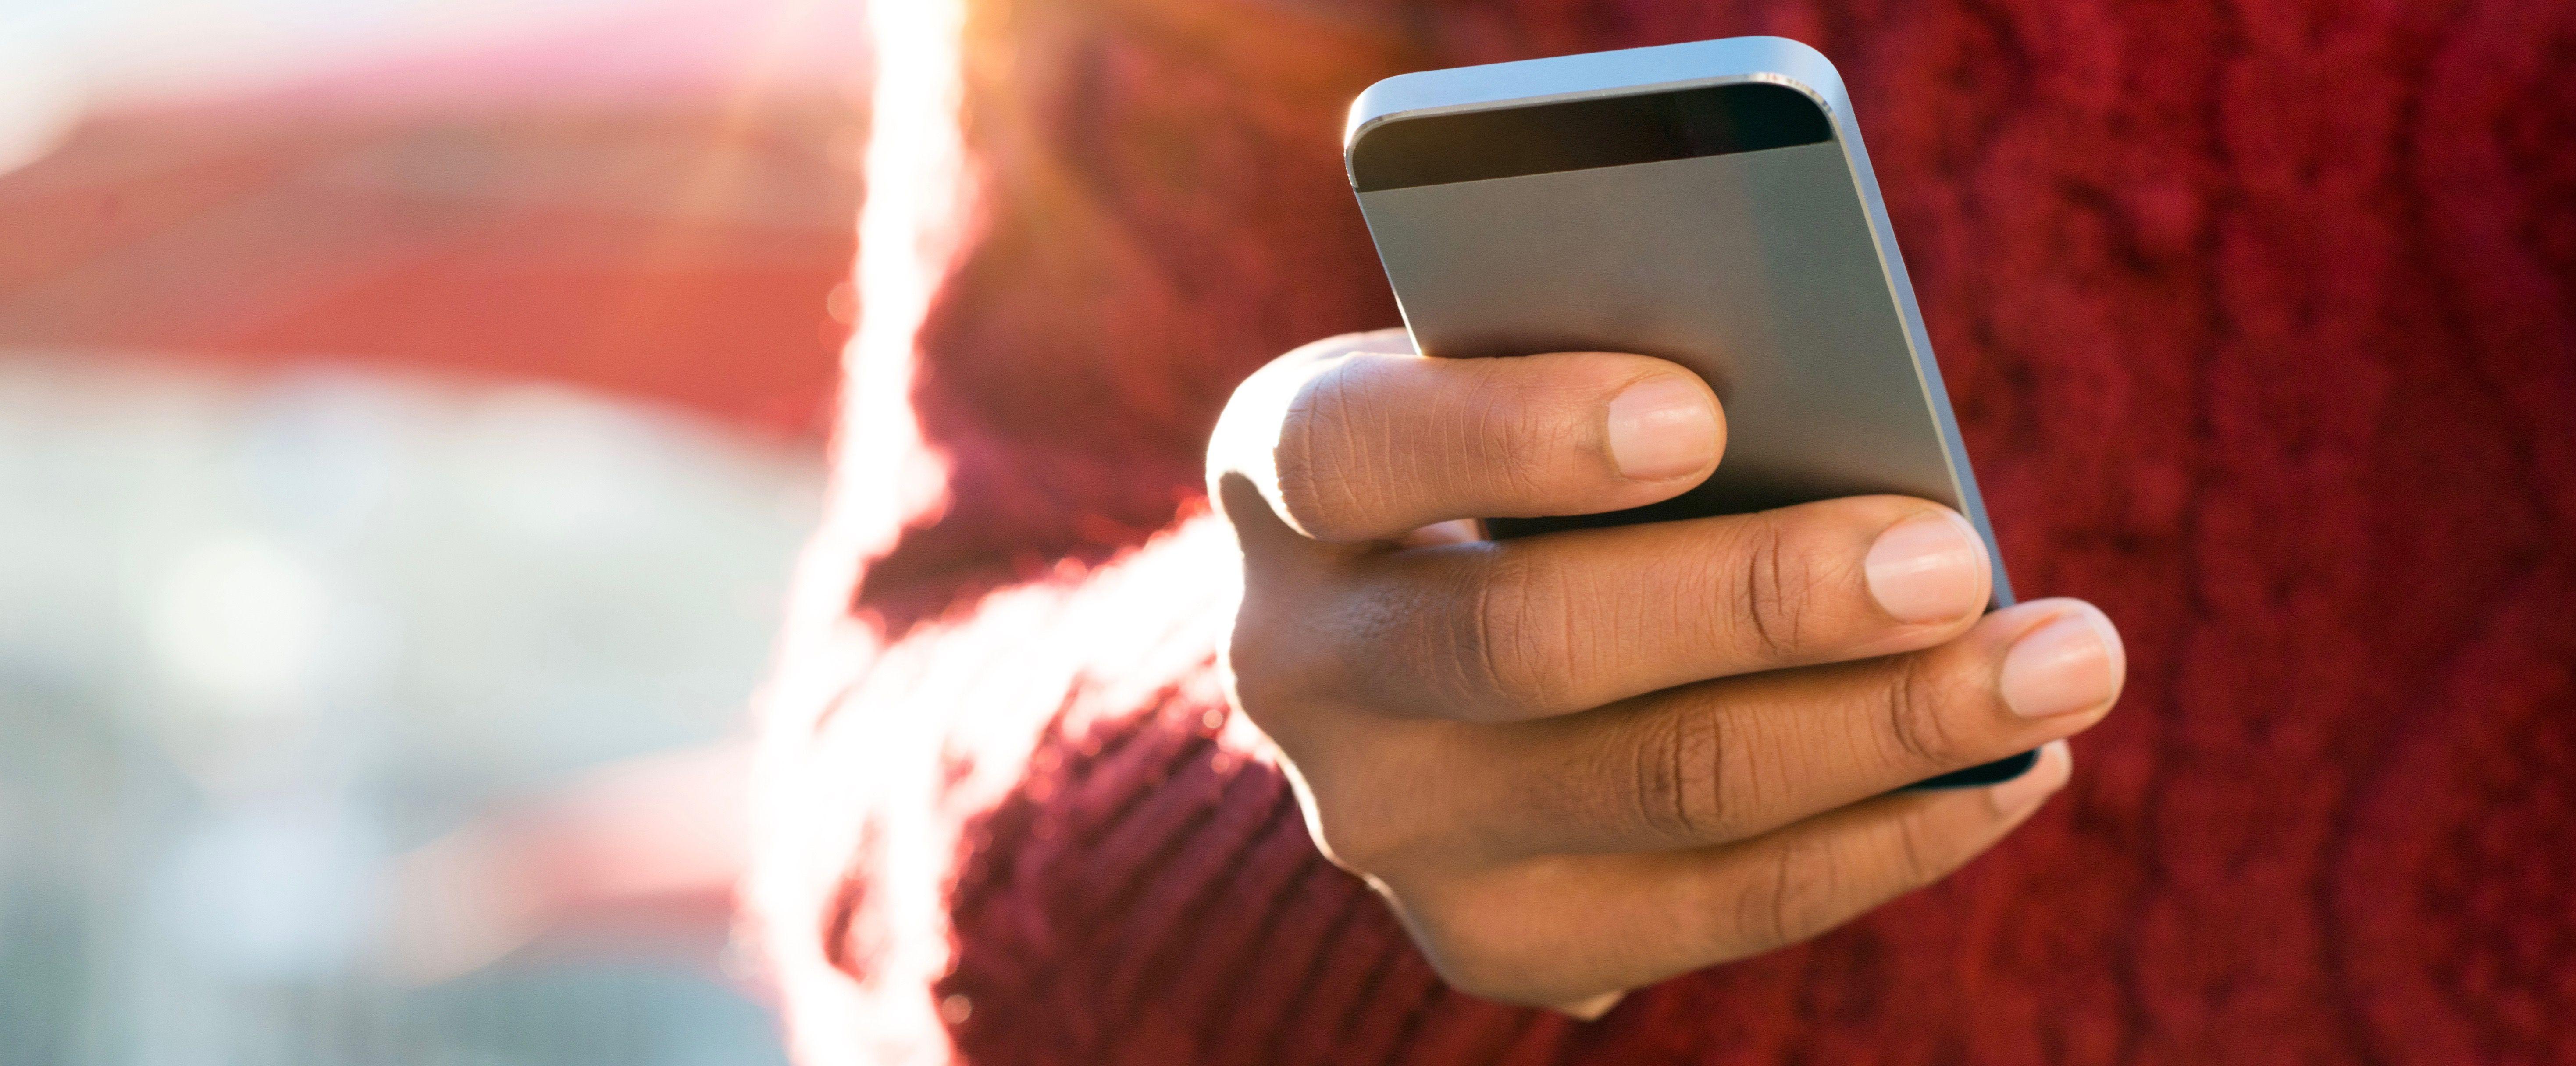 messaging-apps-compressor.jpg